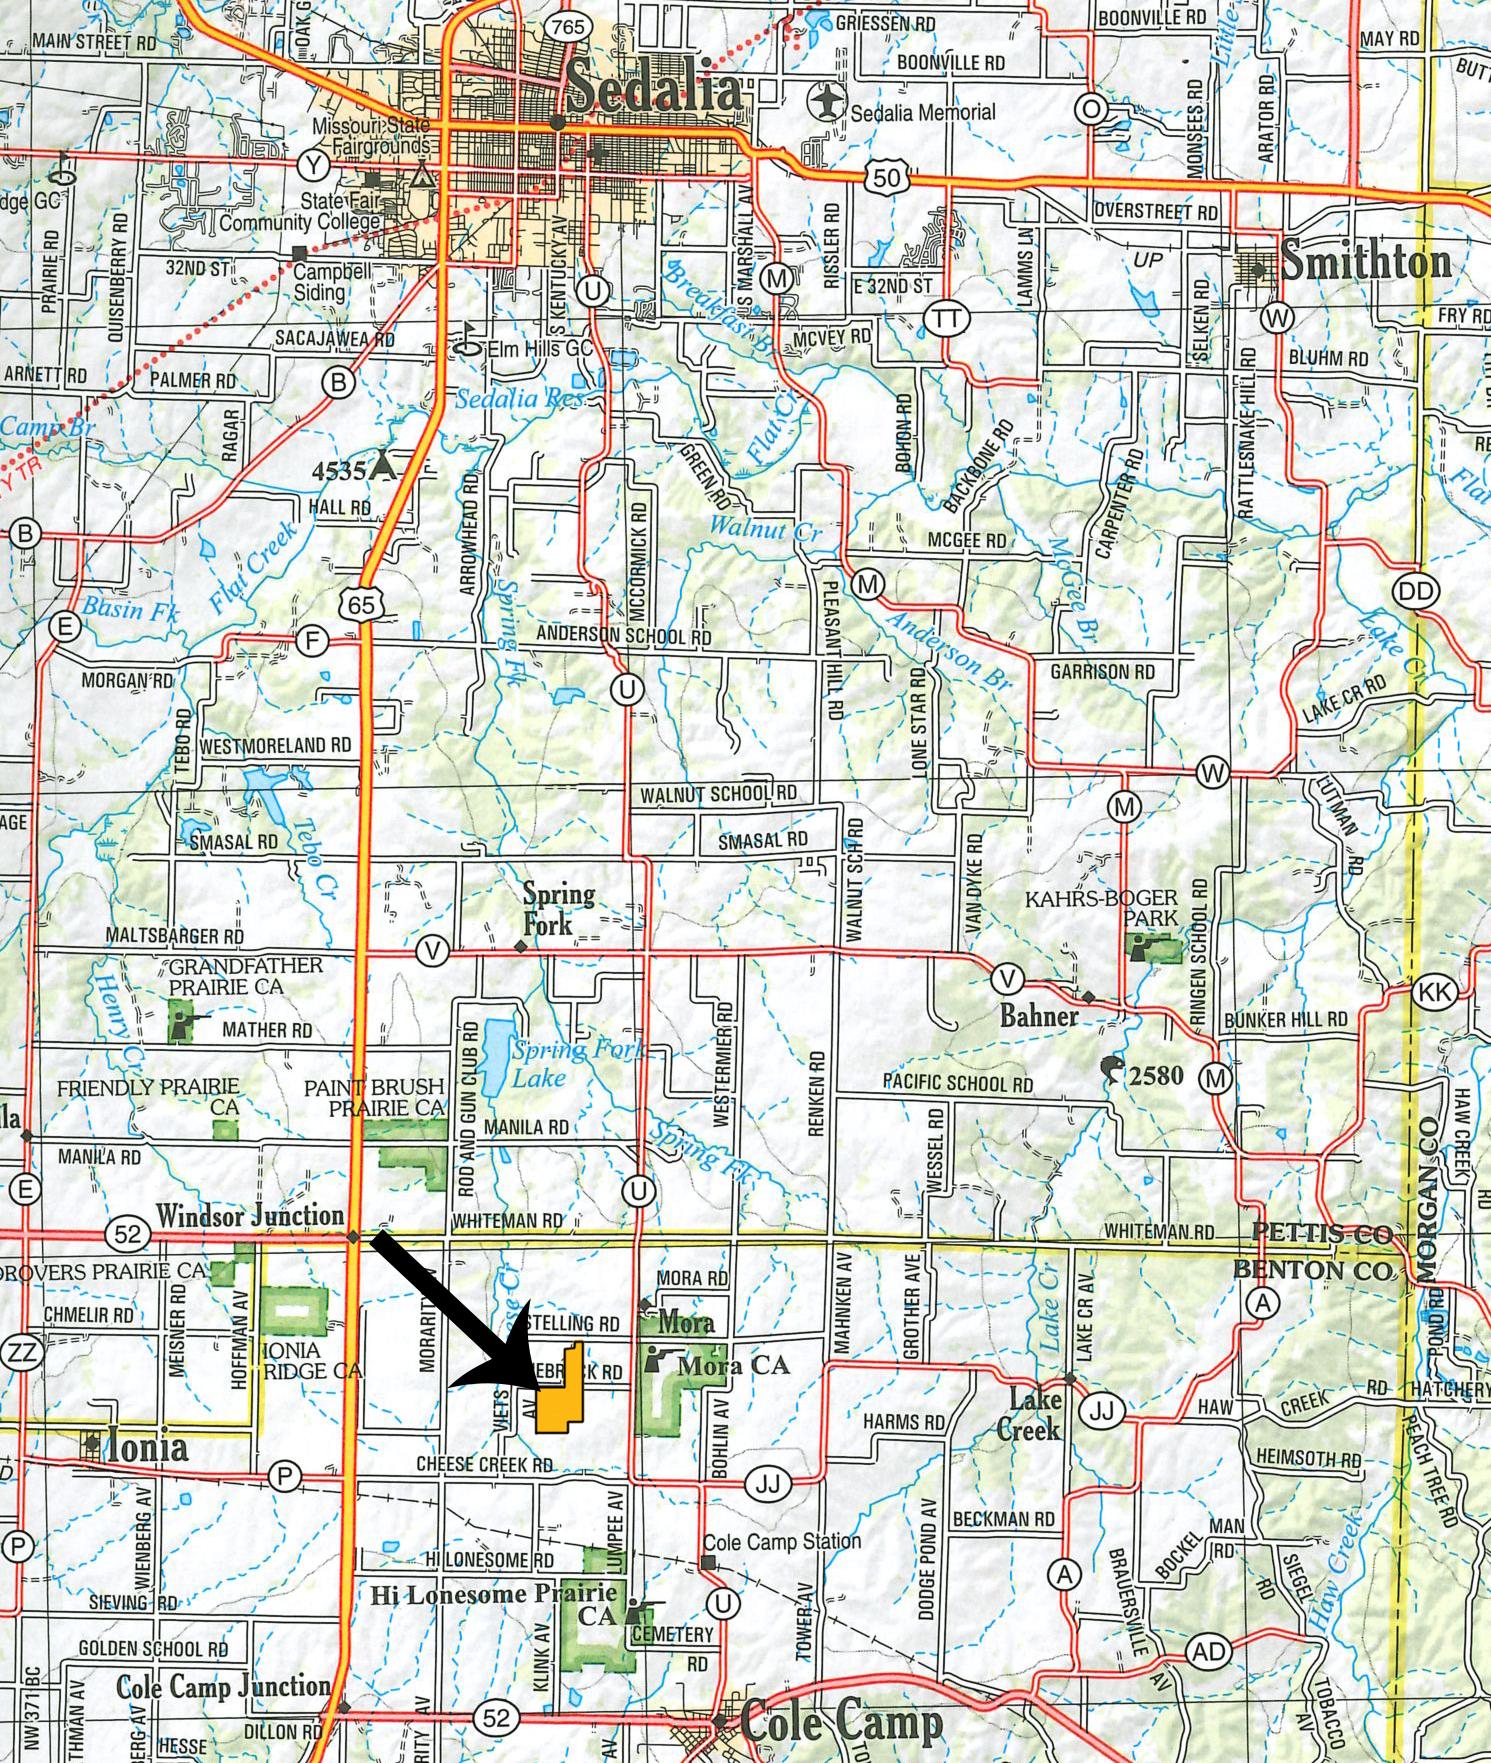 Location Map_BIR-2118